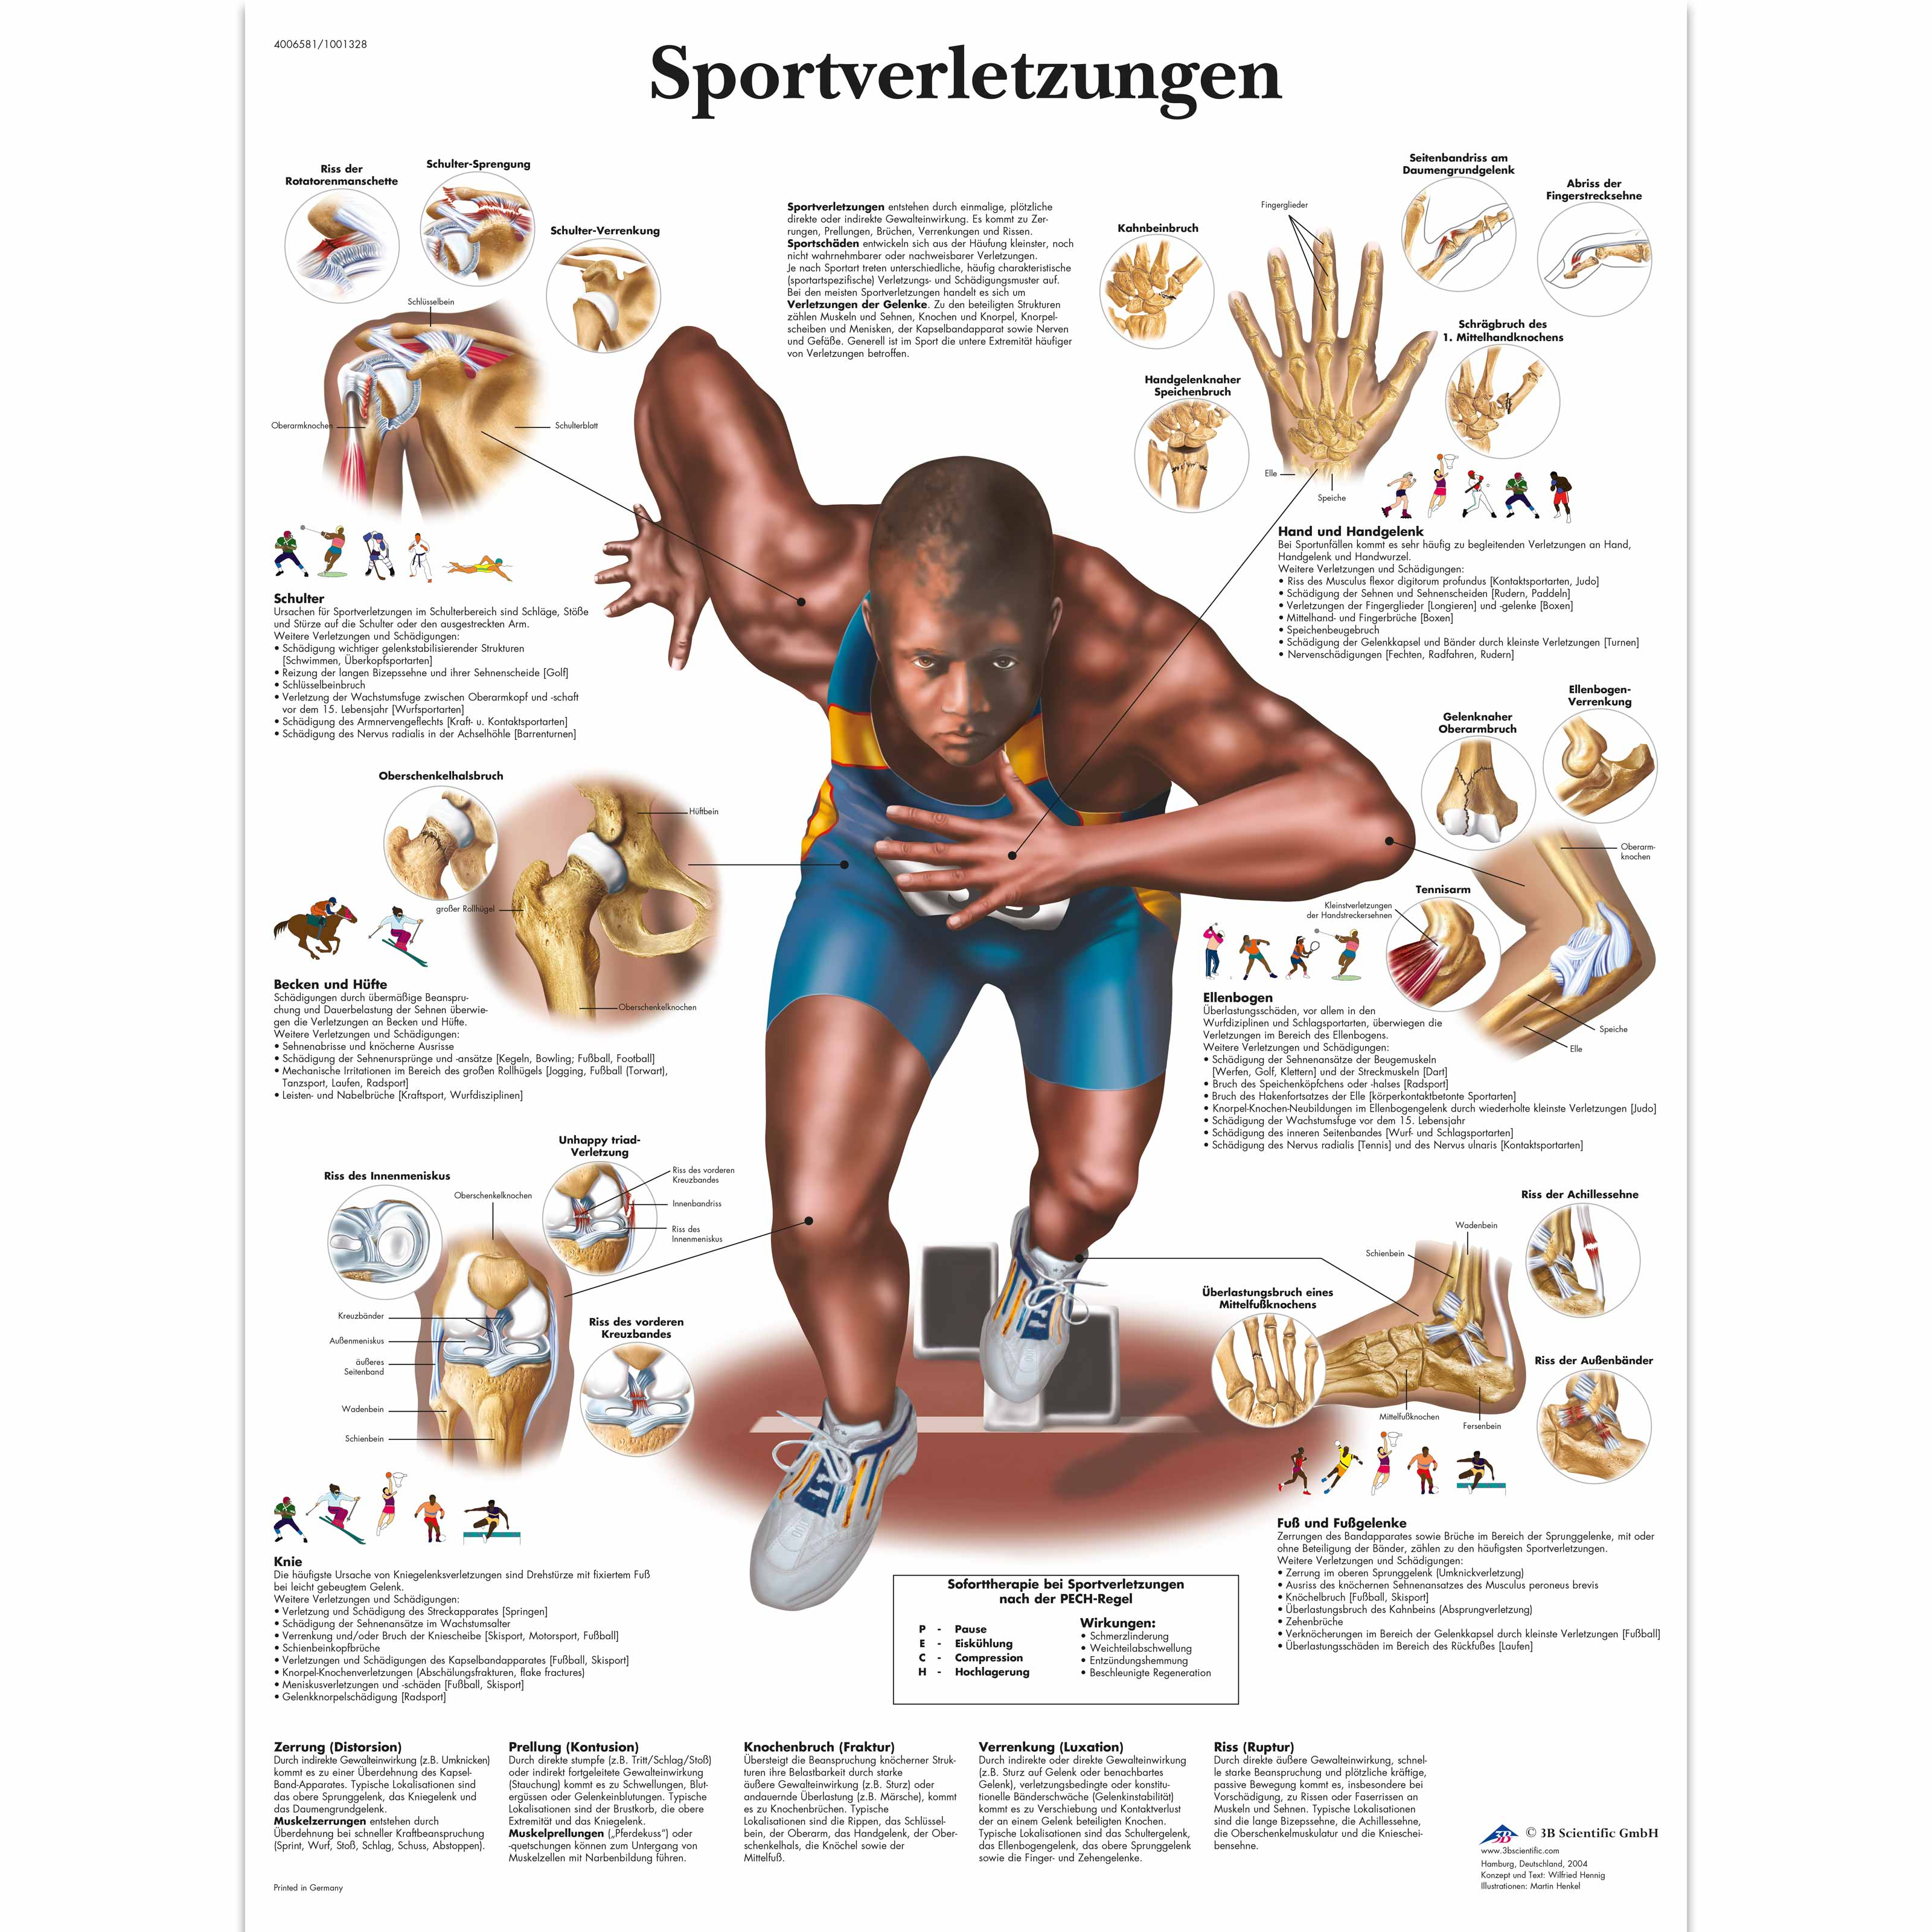 Sportverletzungen - 1001328 - VR0188L - Muscle - 3B Scientific